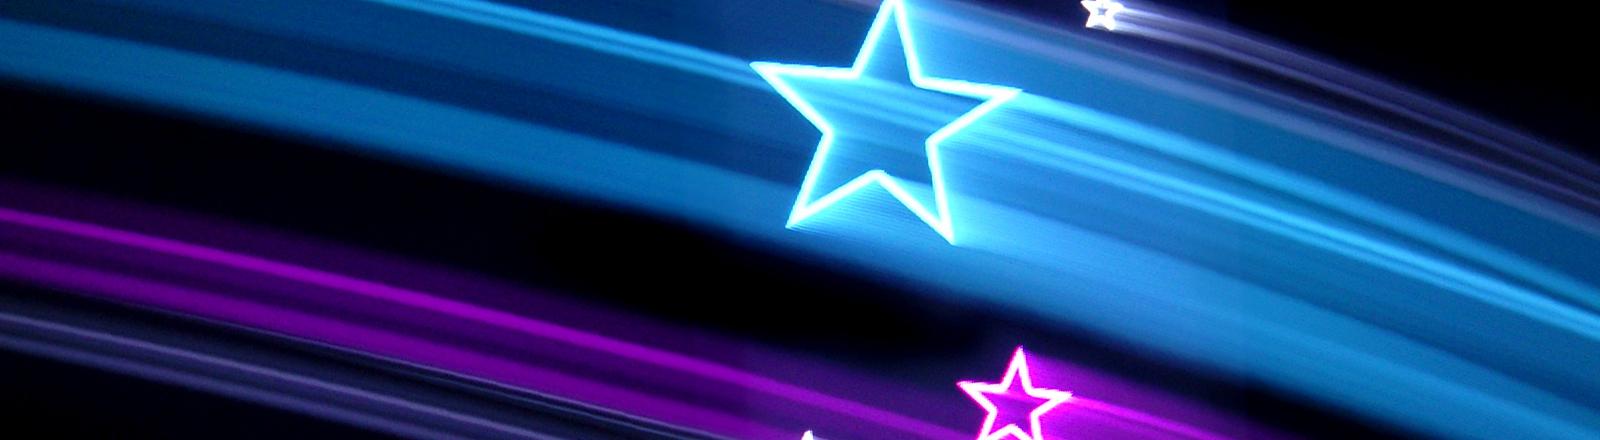 Sterne aus Licht ziehen Streifen